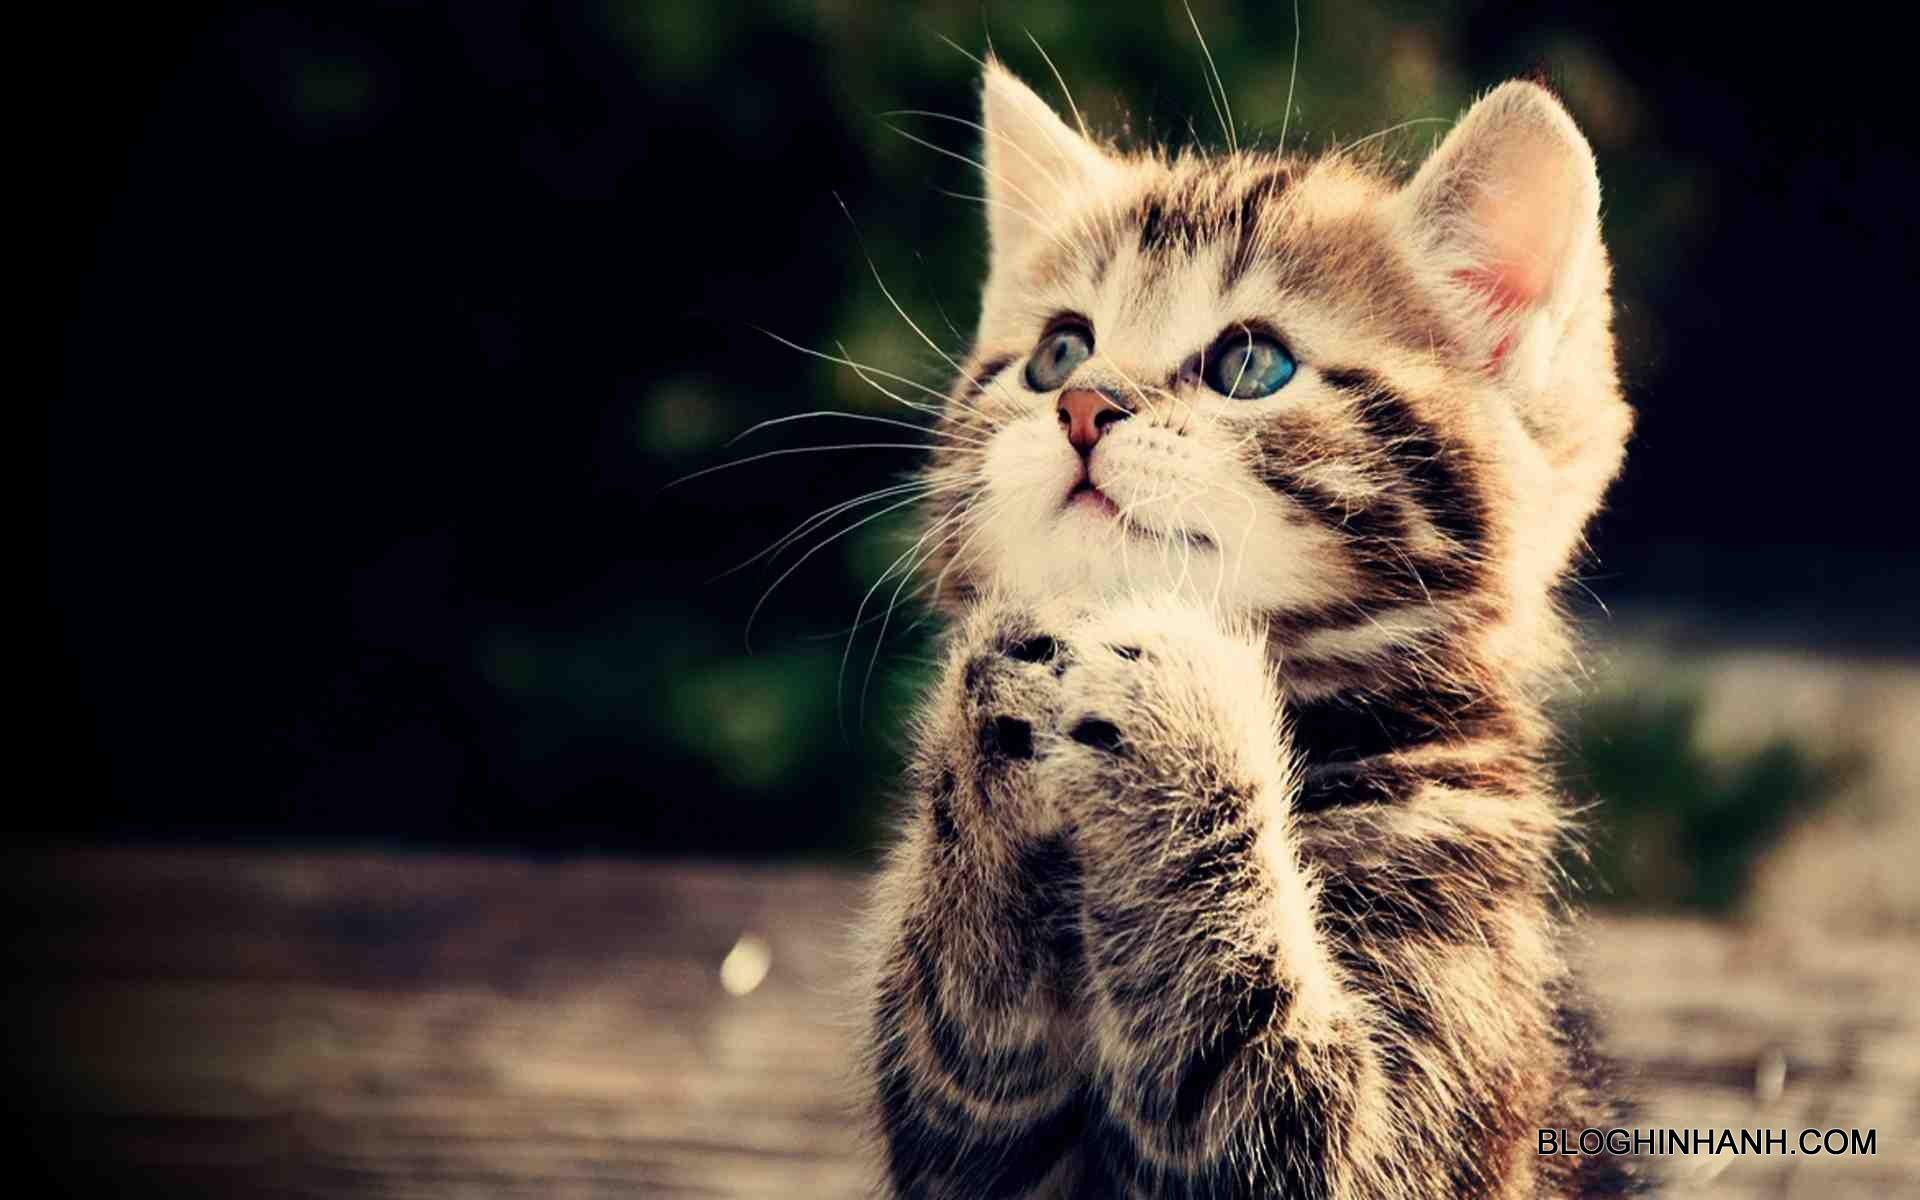 hình ảnh mèo oggy và những chú gián tinh nghịch